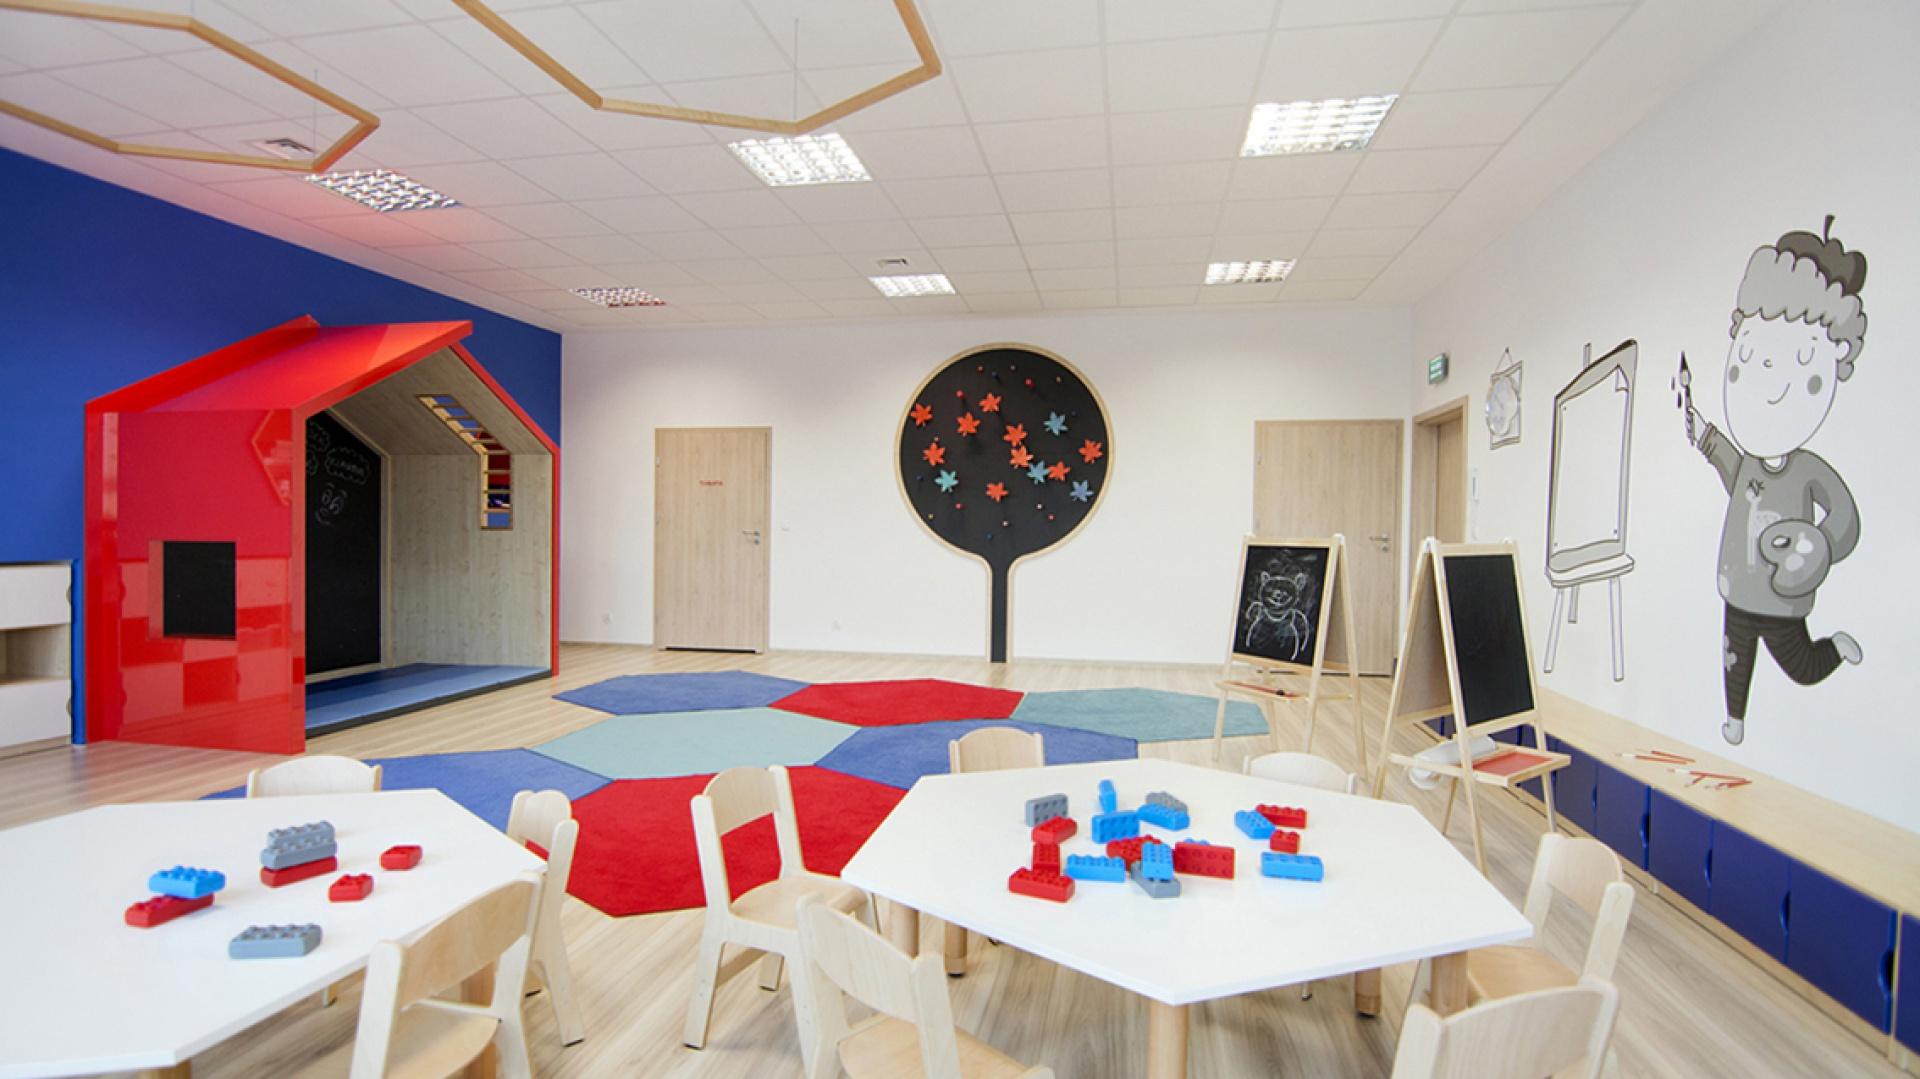 Wnętrza przedszkola i żłobka Megamocni kształtowane były w  oparciu o proste bryły geometryczne oraz brak stereotypowych i  infantylnych dekoracji dziecięcych. Fot. Pracownia CGL